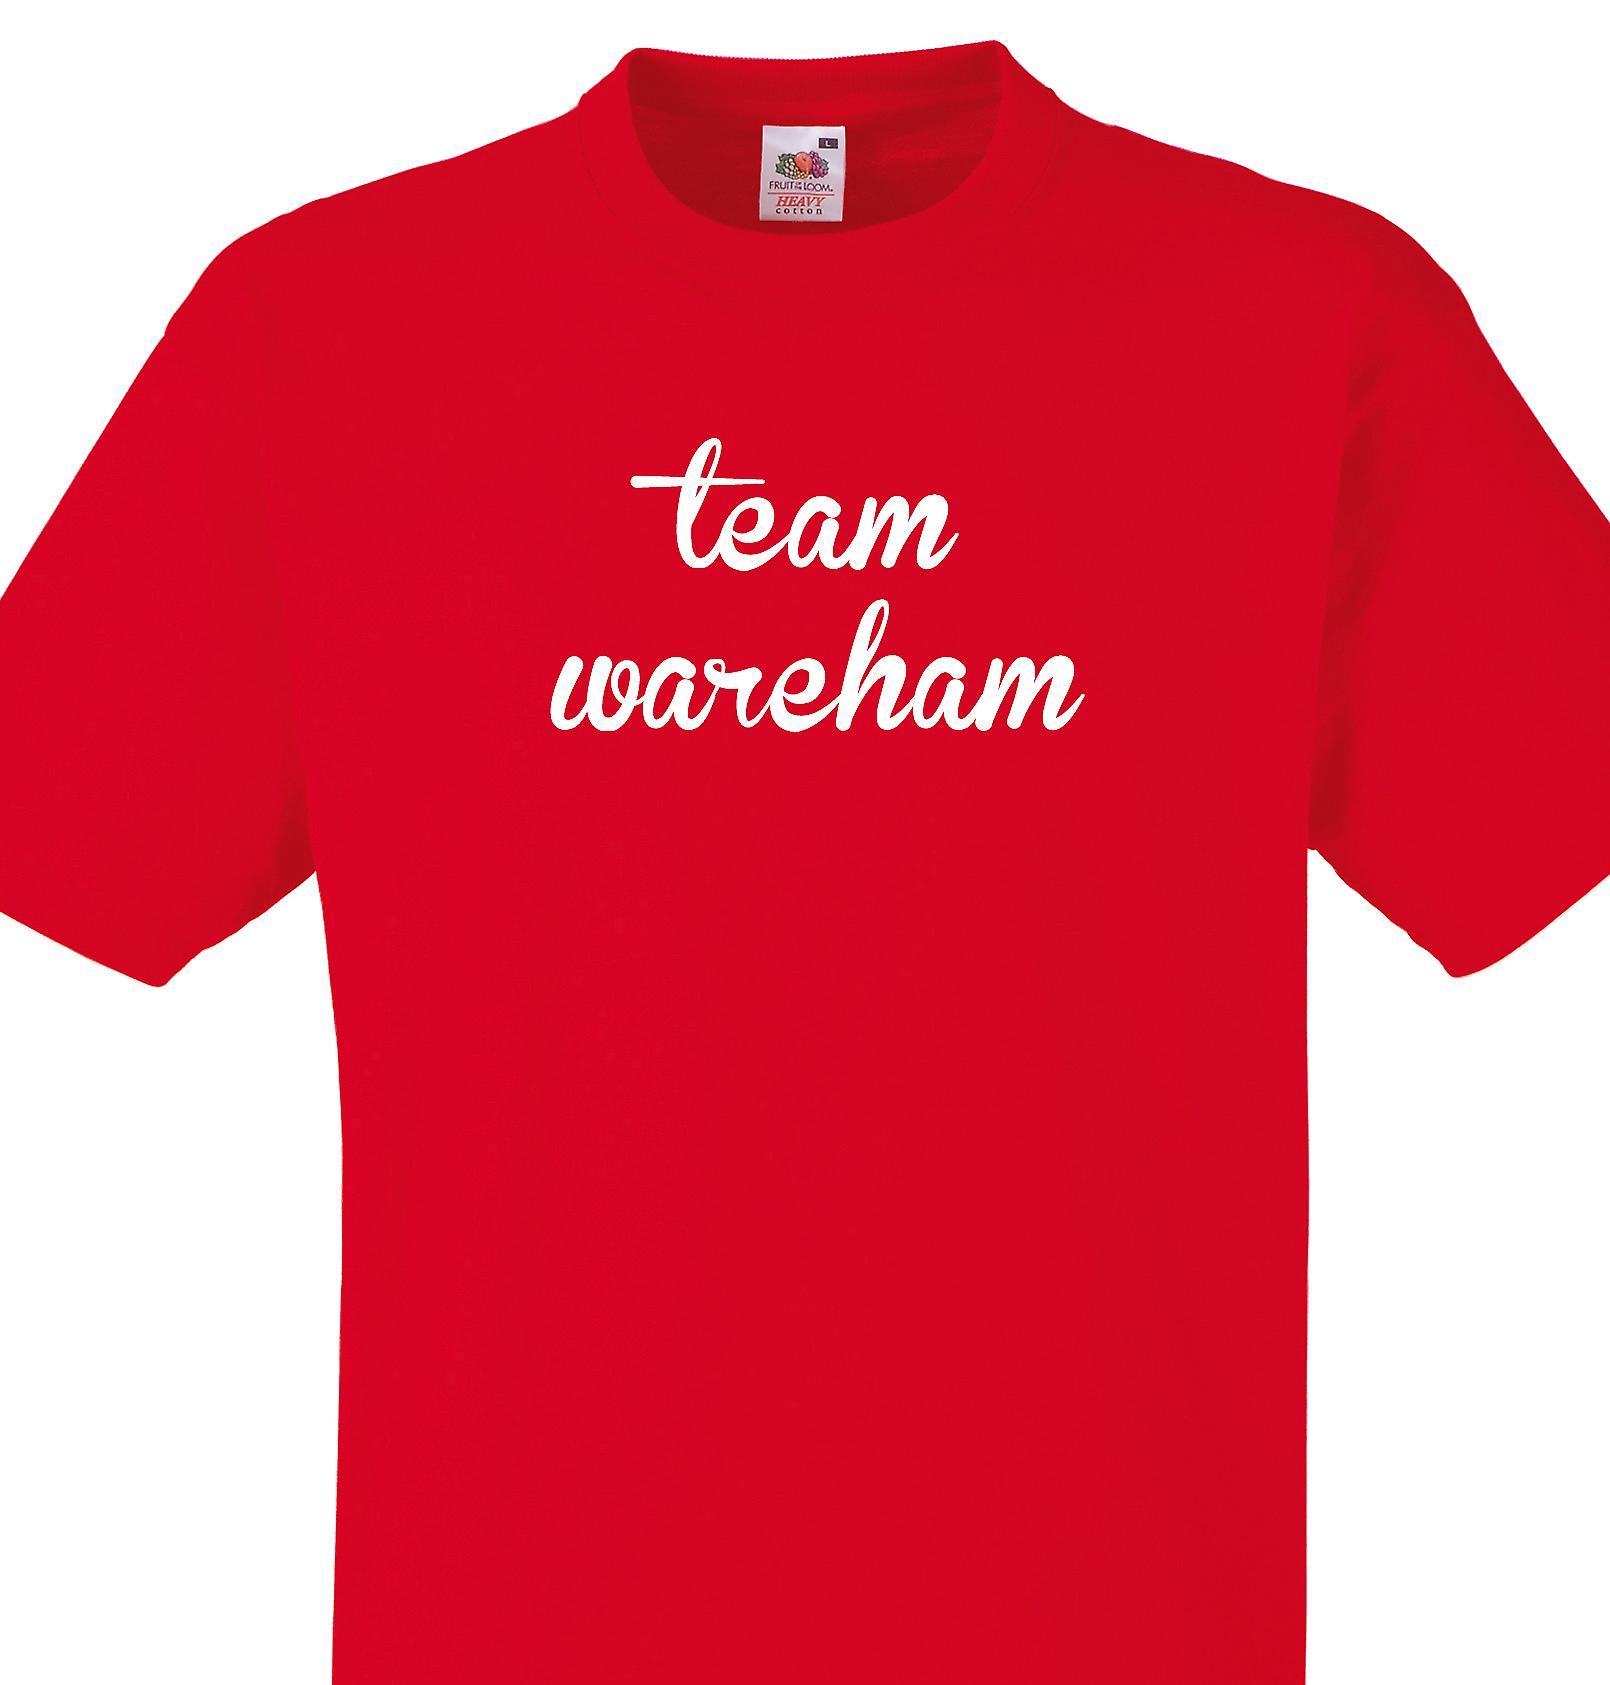 Team Wareham Red T shirt